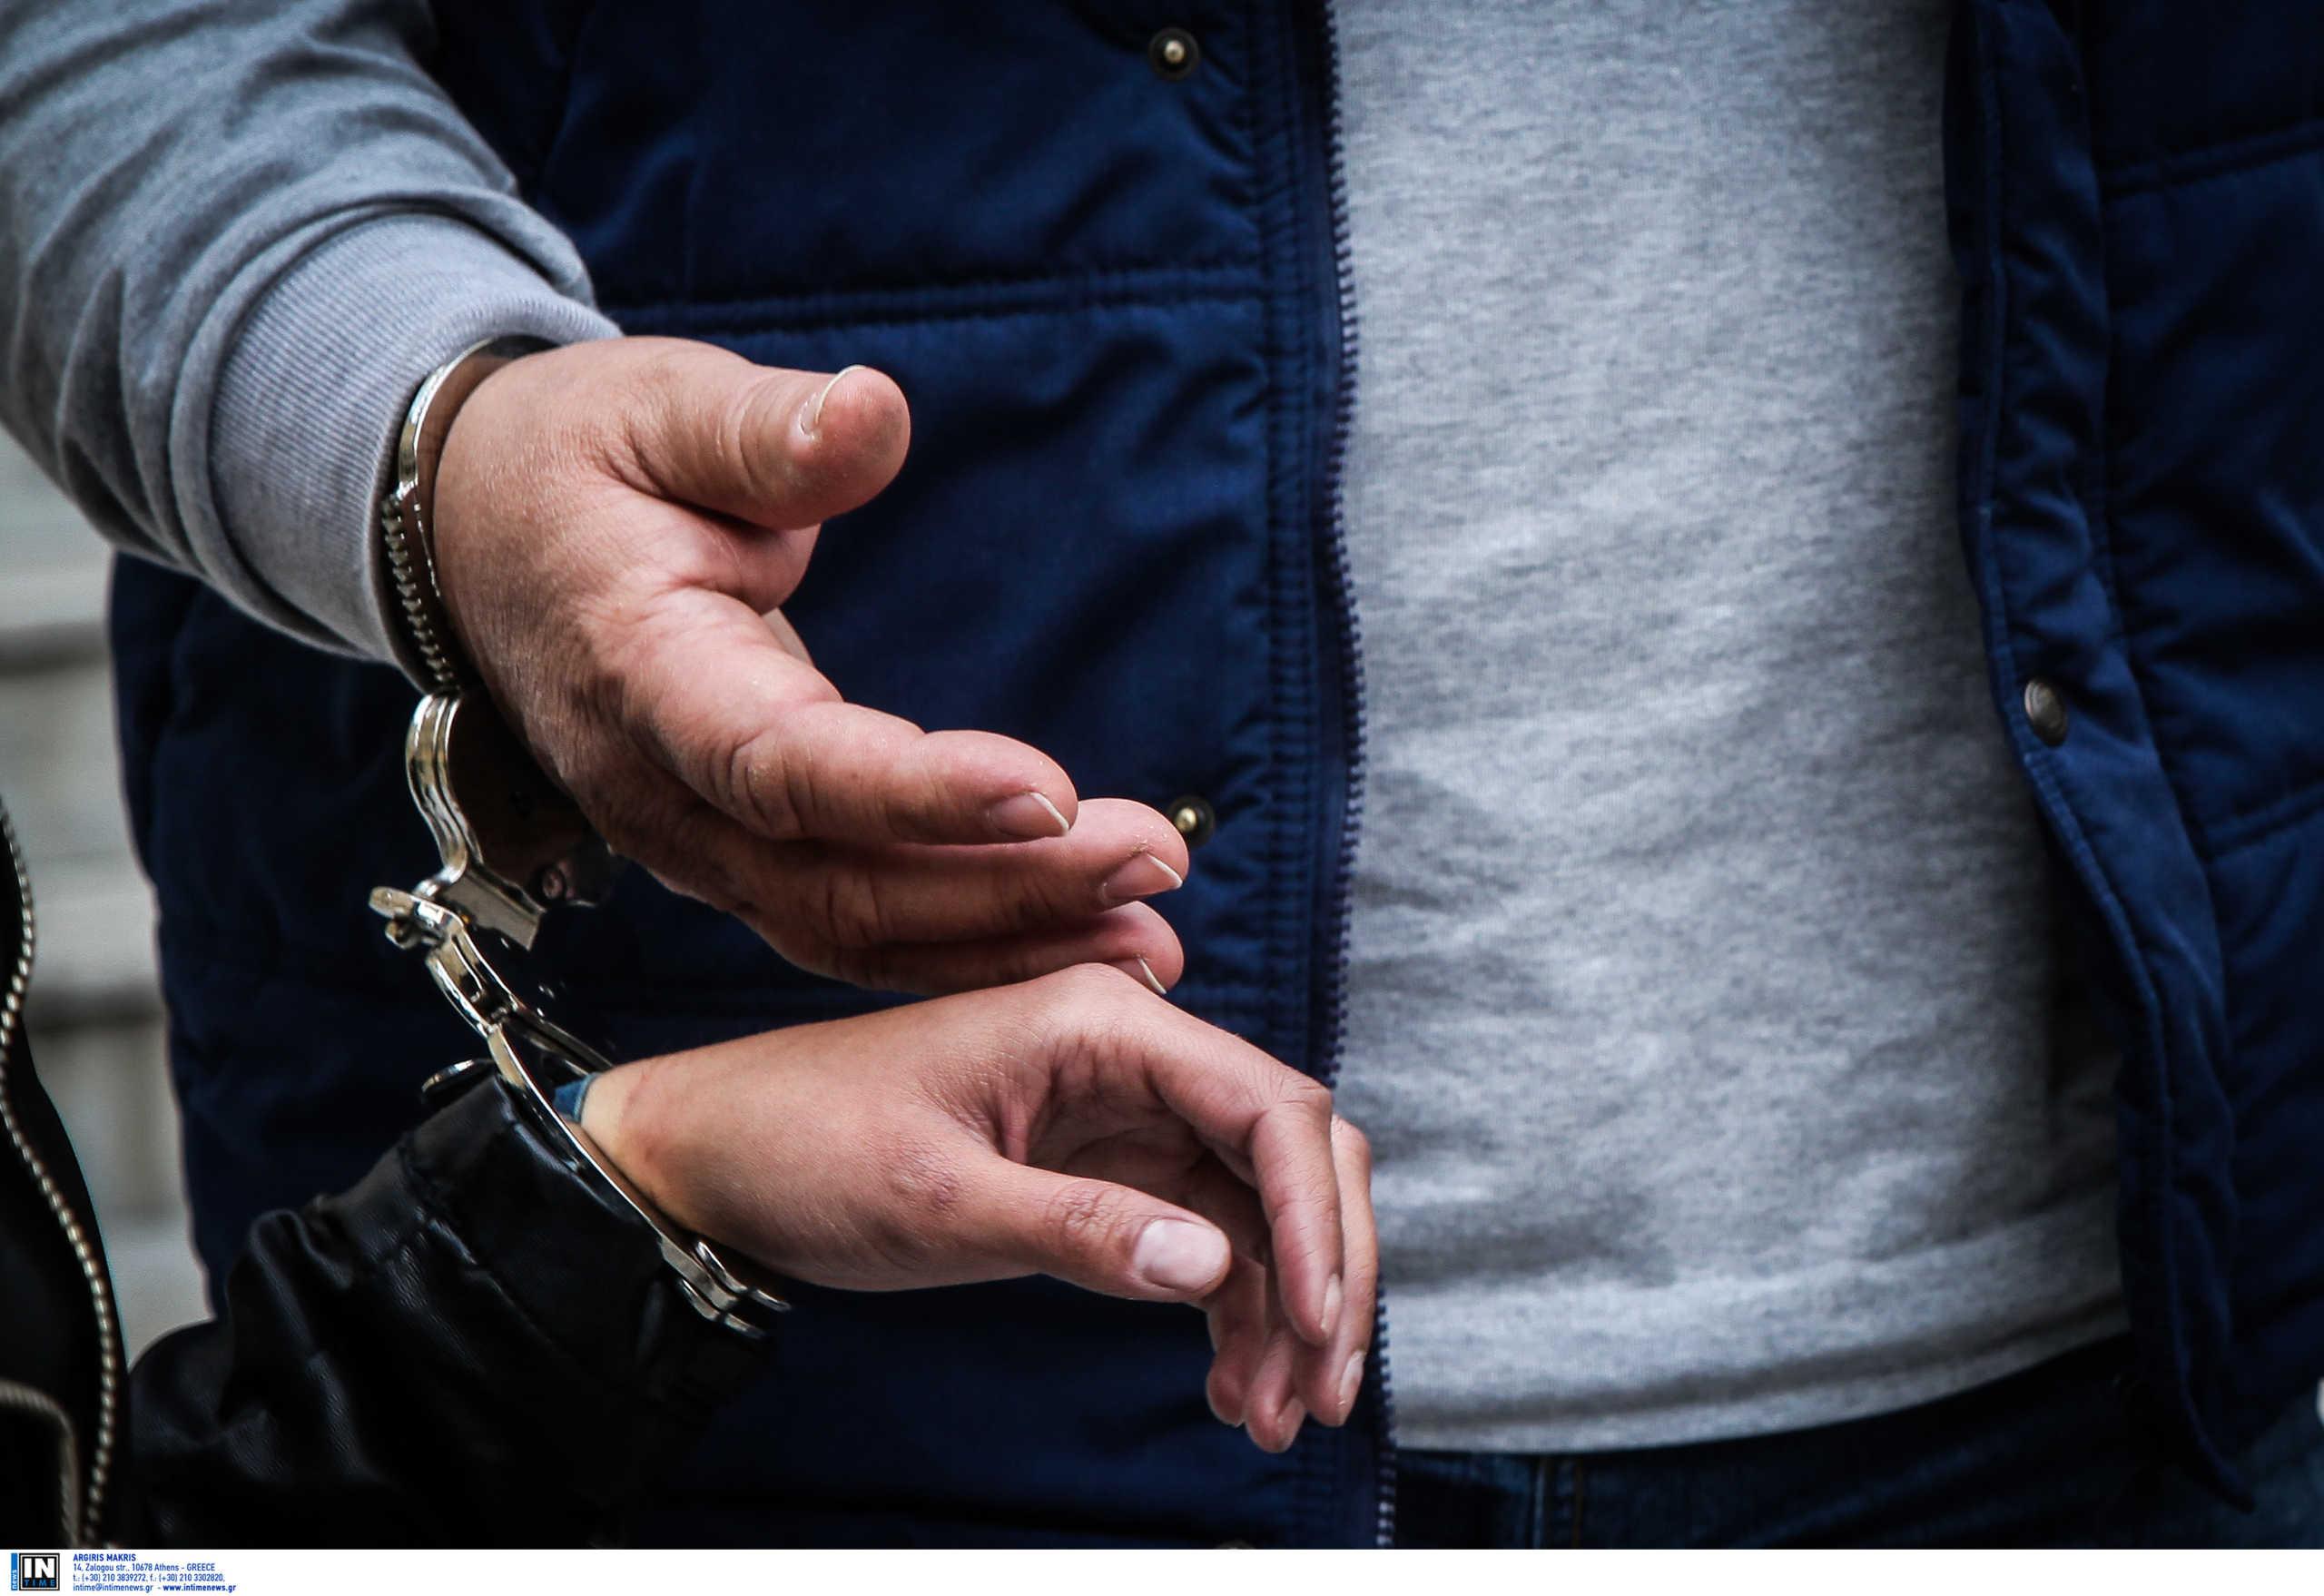 Λήμνος: Νέα σύλληψη επιχειρηματία που άνοιξε το κατάστημά του κανονικά!